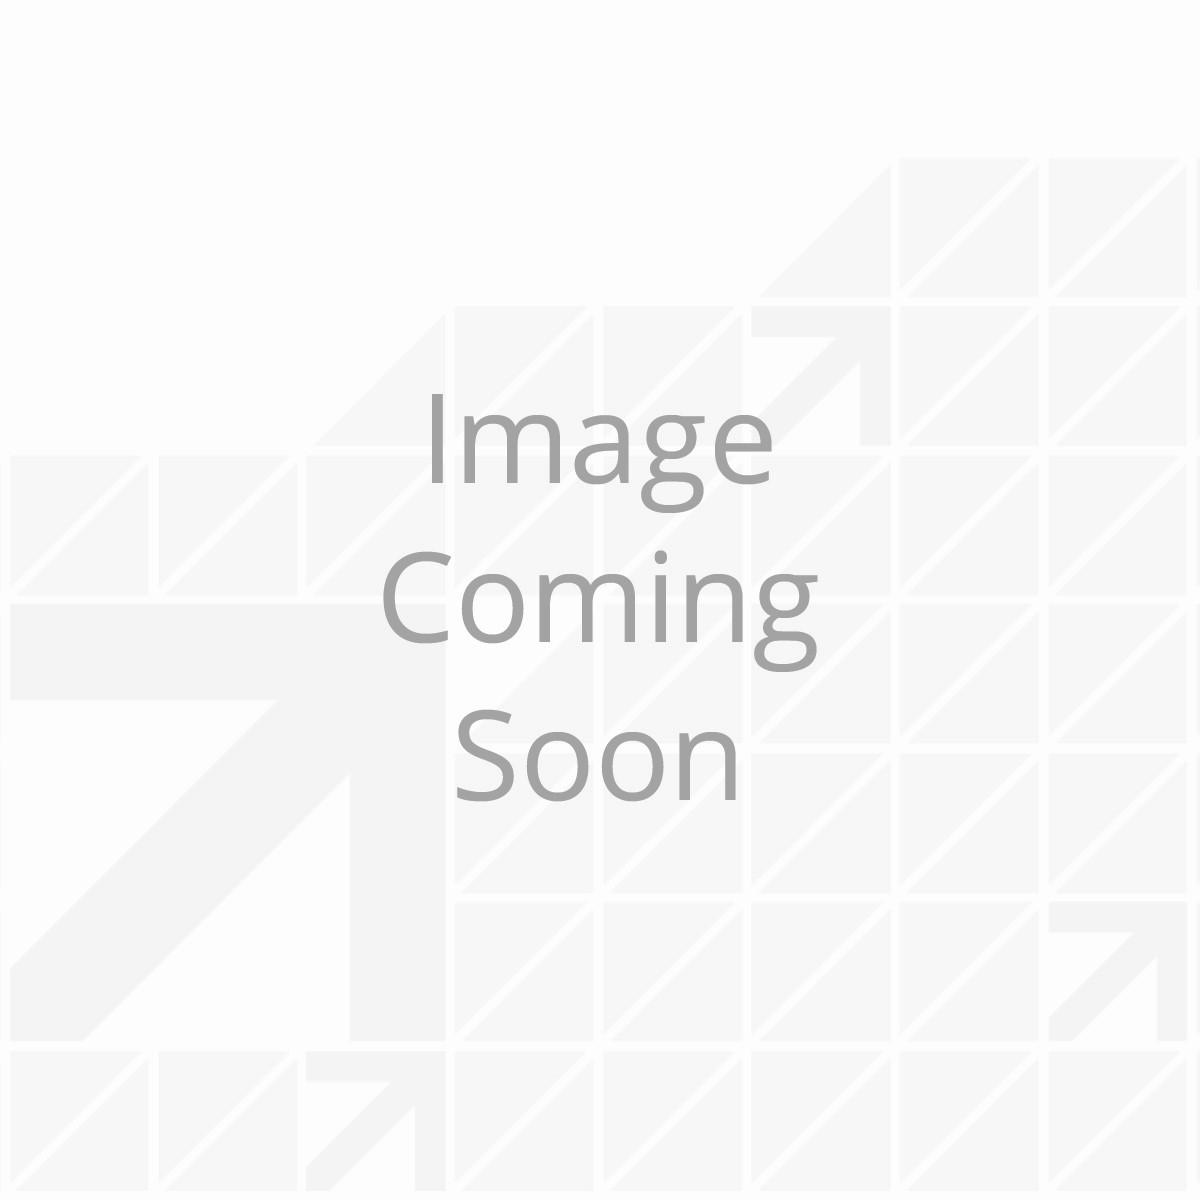 126547_Tire-Winch_001